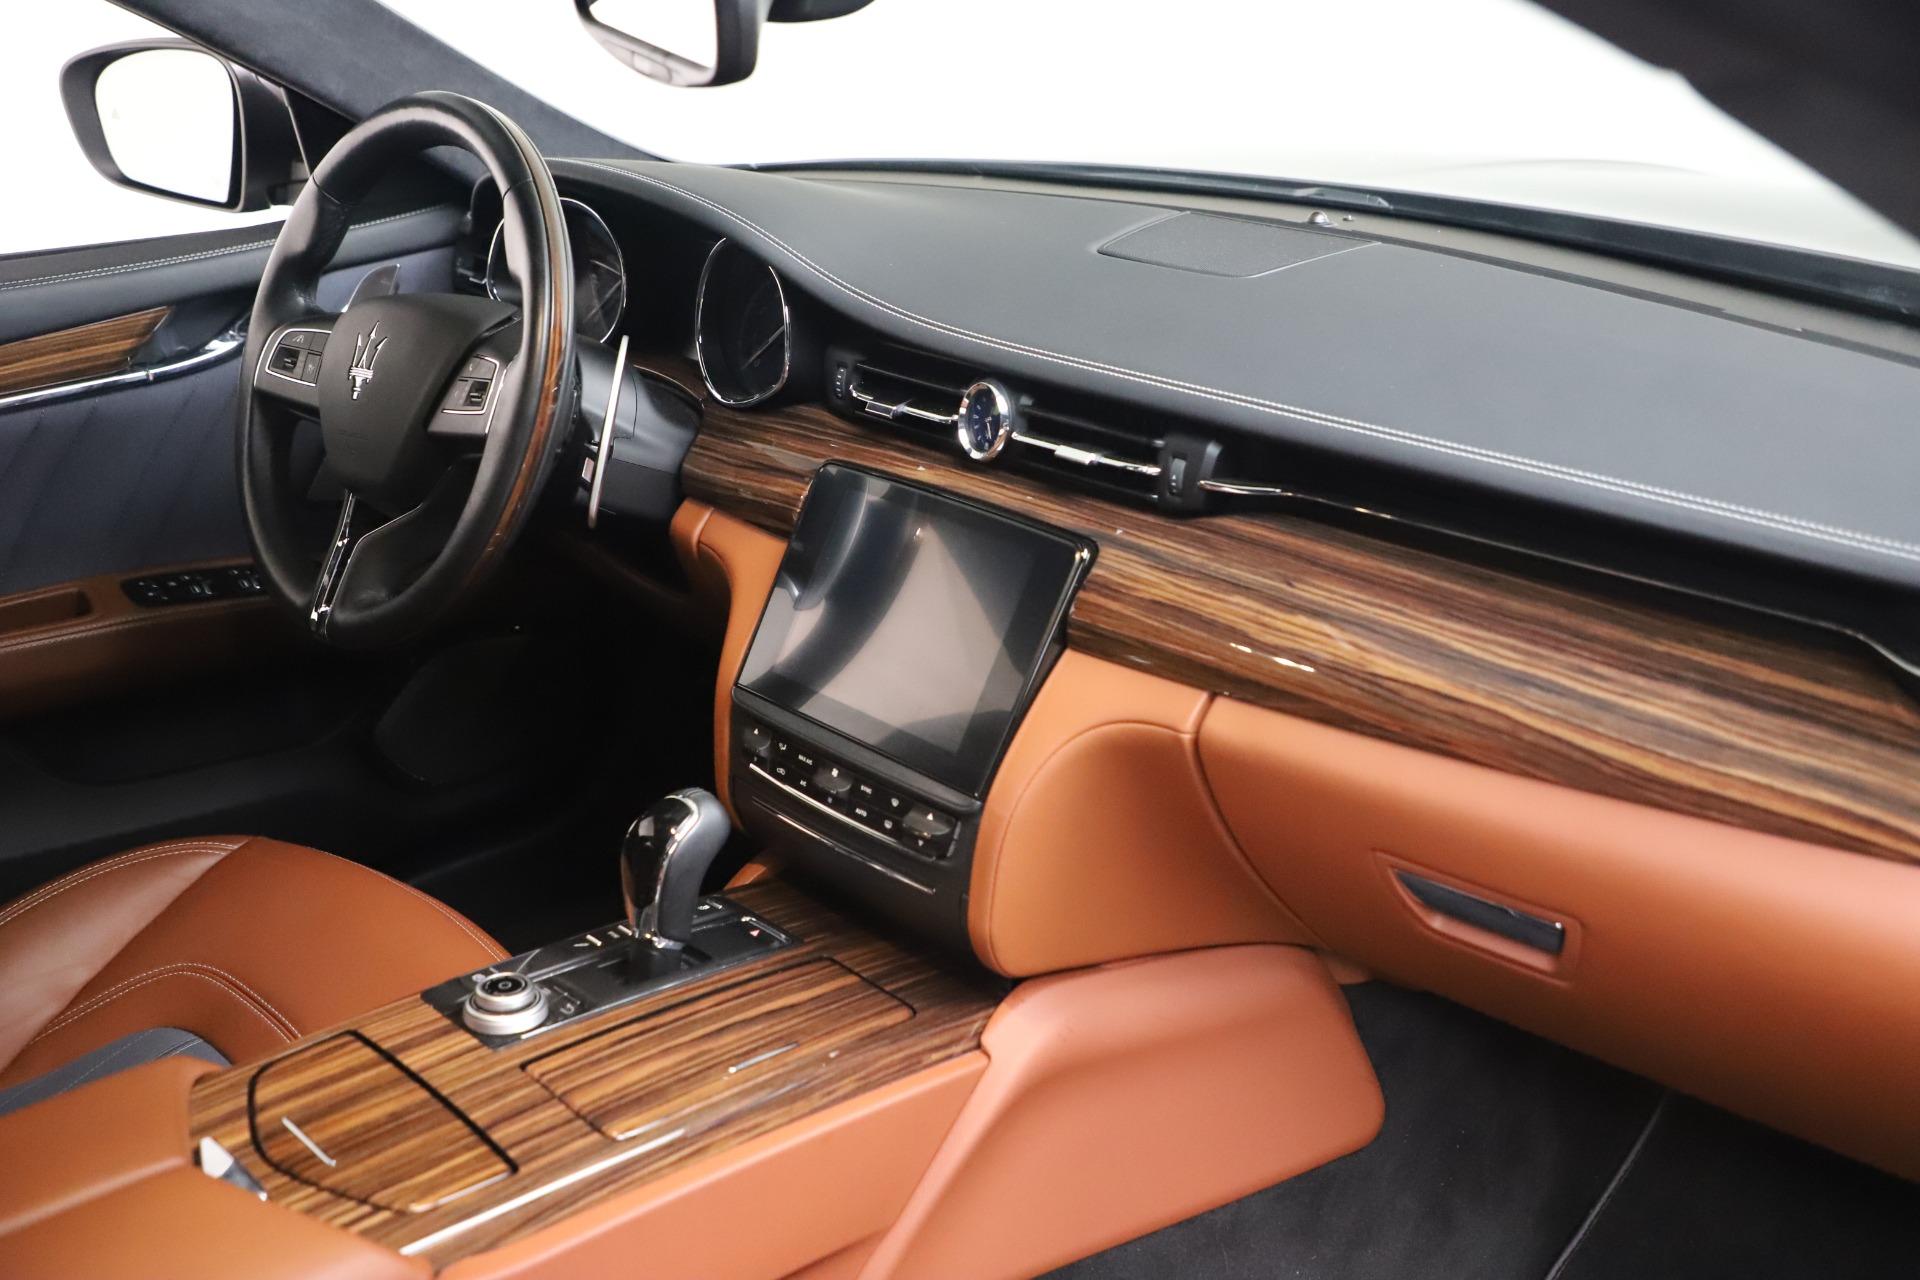 New 2017 Maserati Quattroporte SQ4 GranLusso/ Zegna For Sale In Greenwich, CT 1355_p19